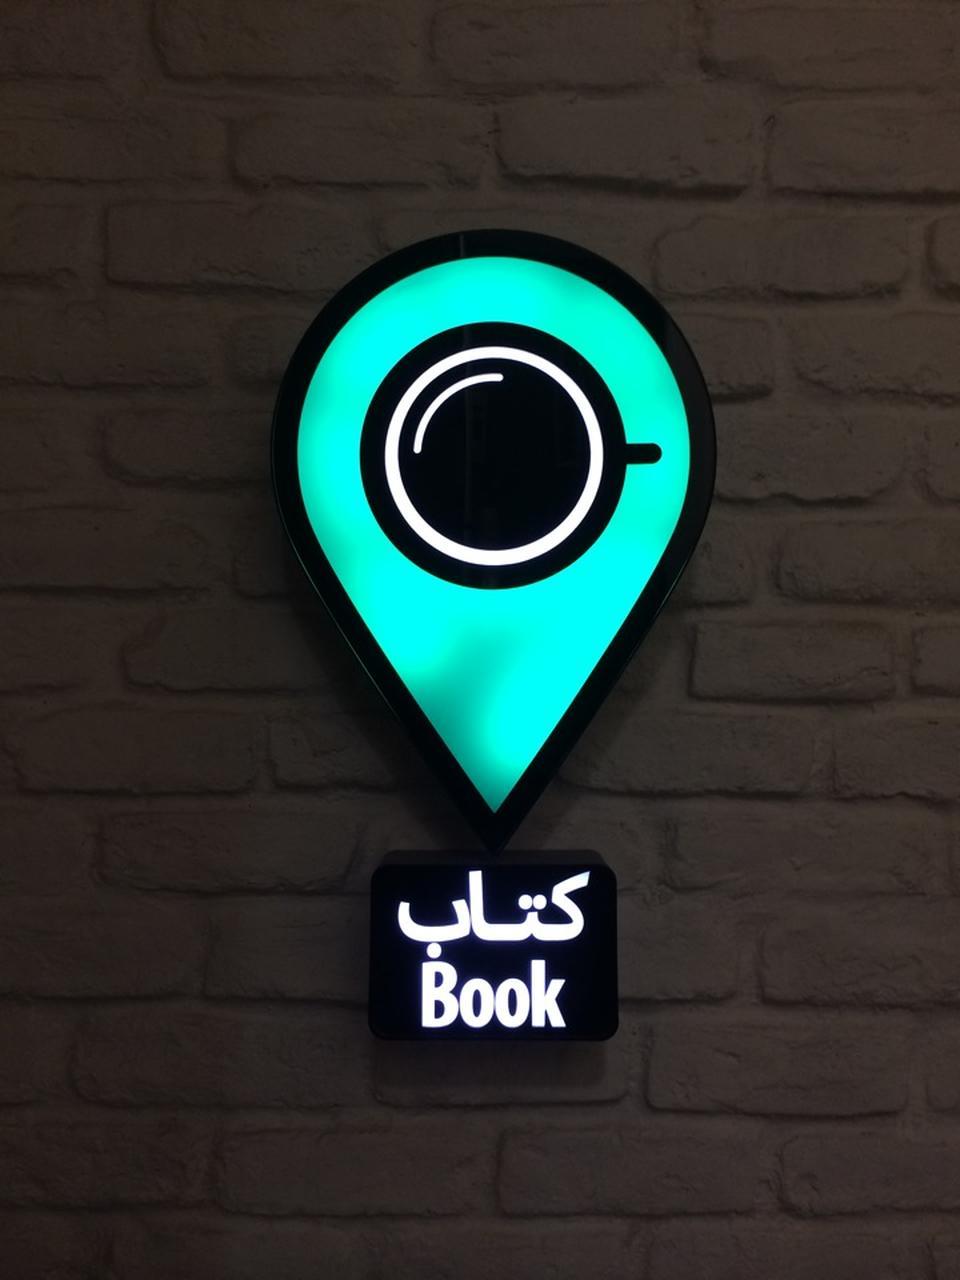 کافه نزدیک کتاب cafe nazdik book 5